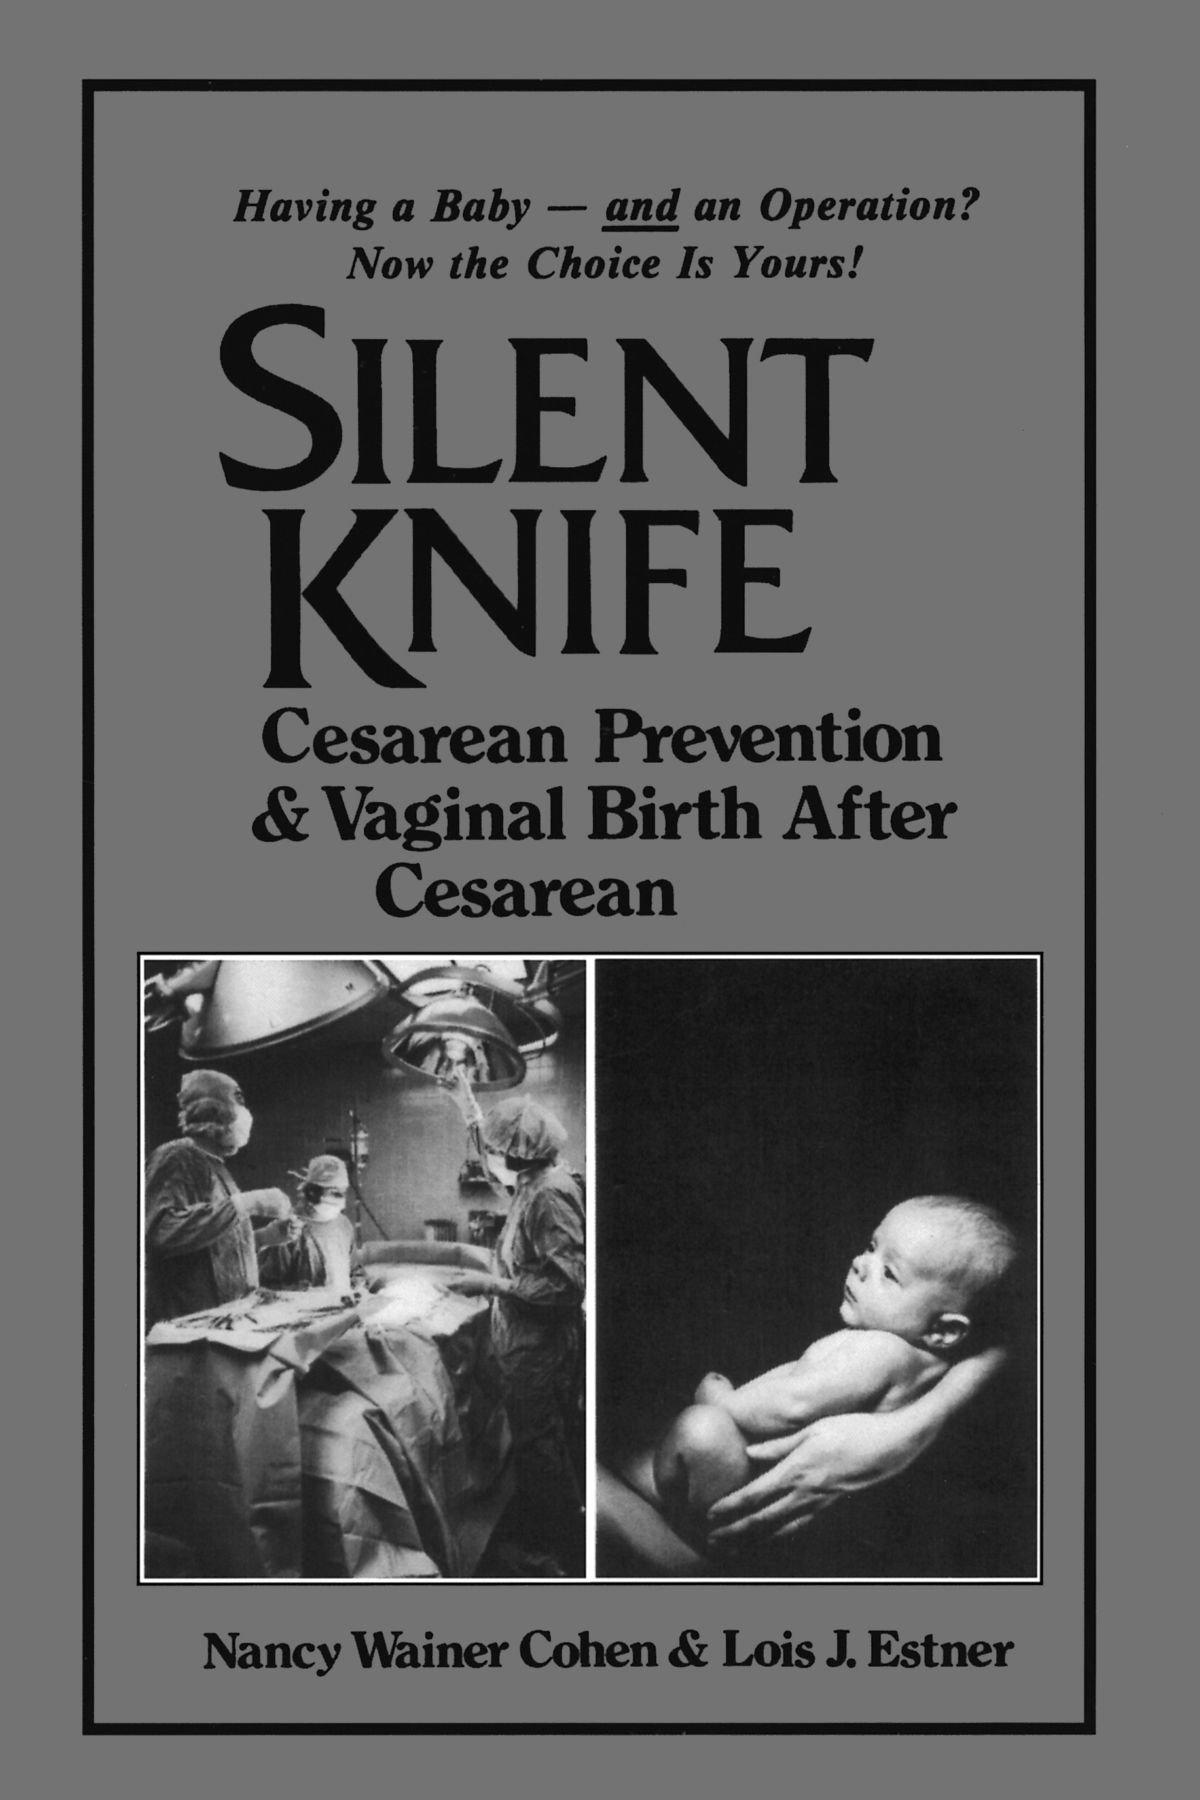 Silent Knife: Cesarean Prevention and Vaginal Birth after Cesarean (VBAC) by Lois J Estner